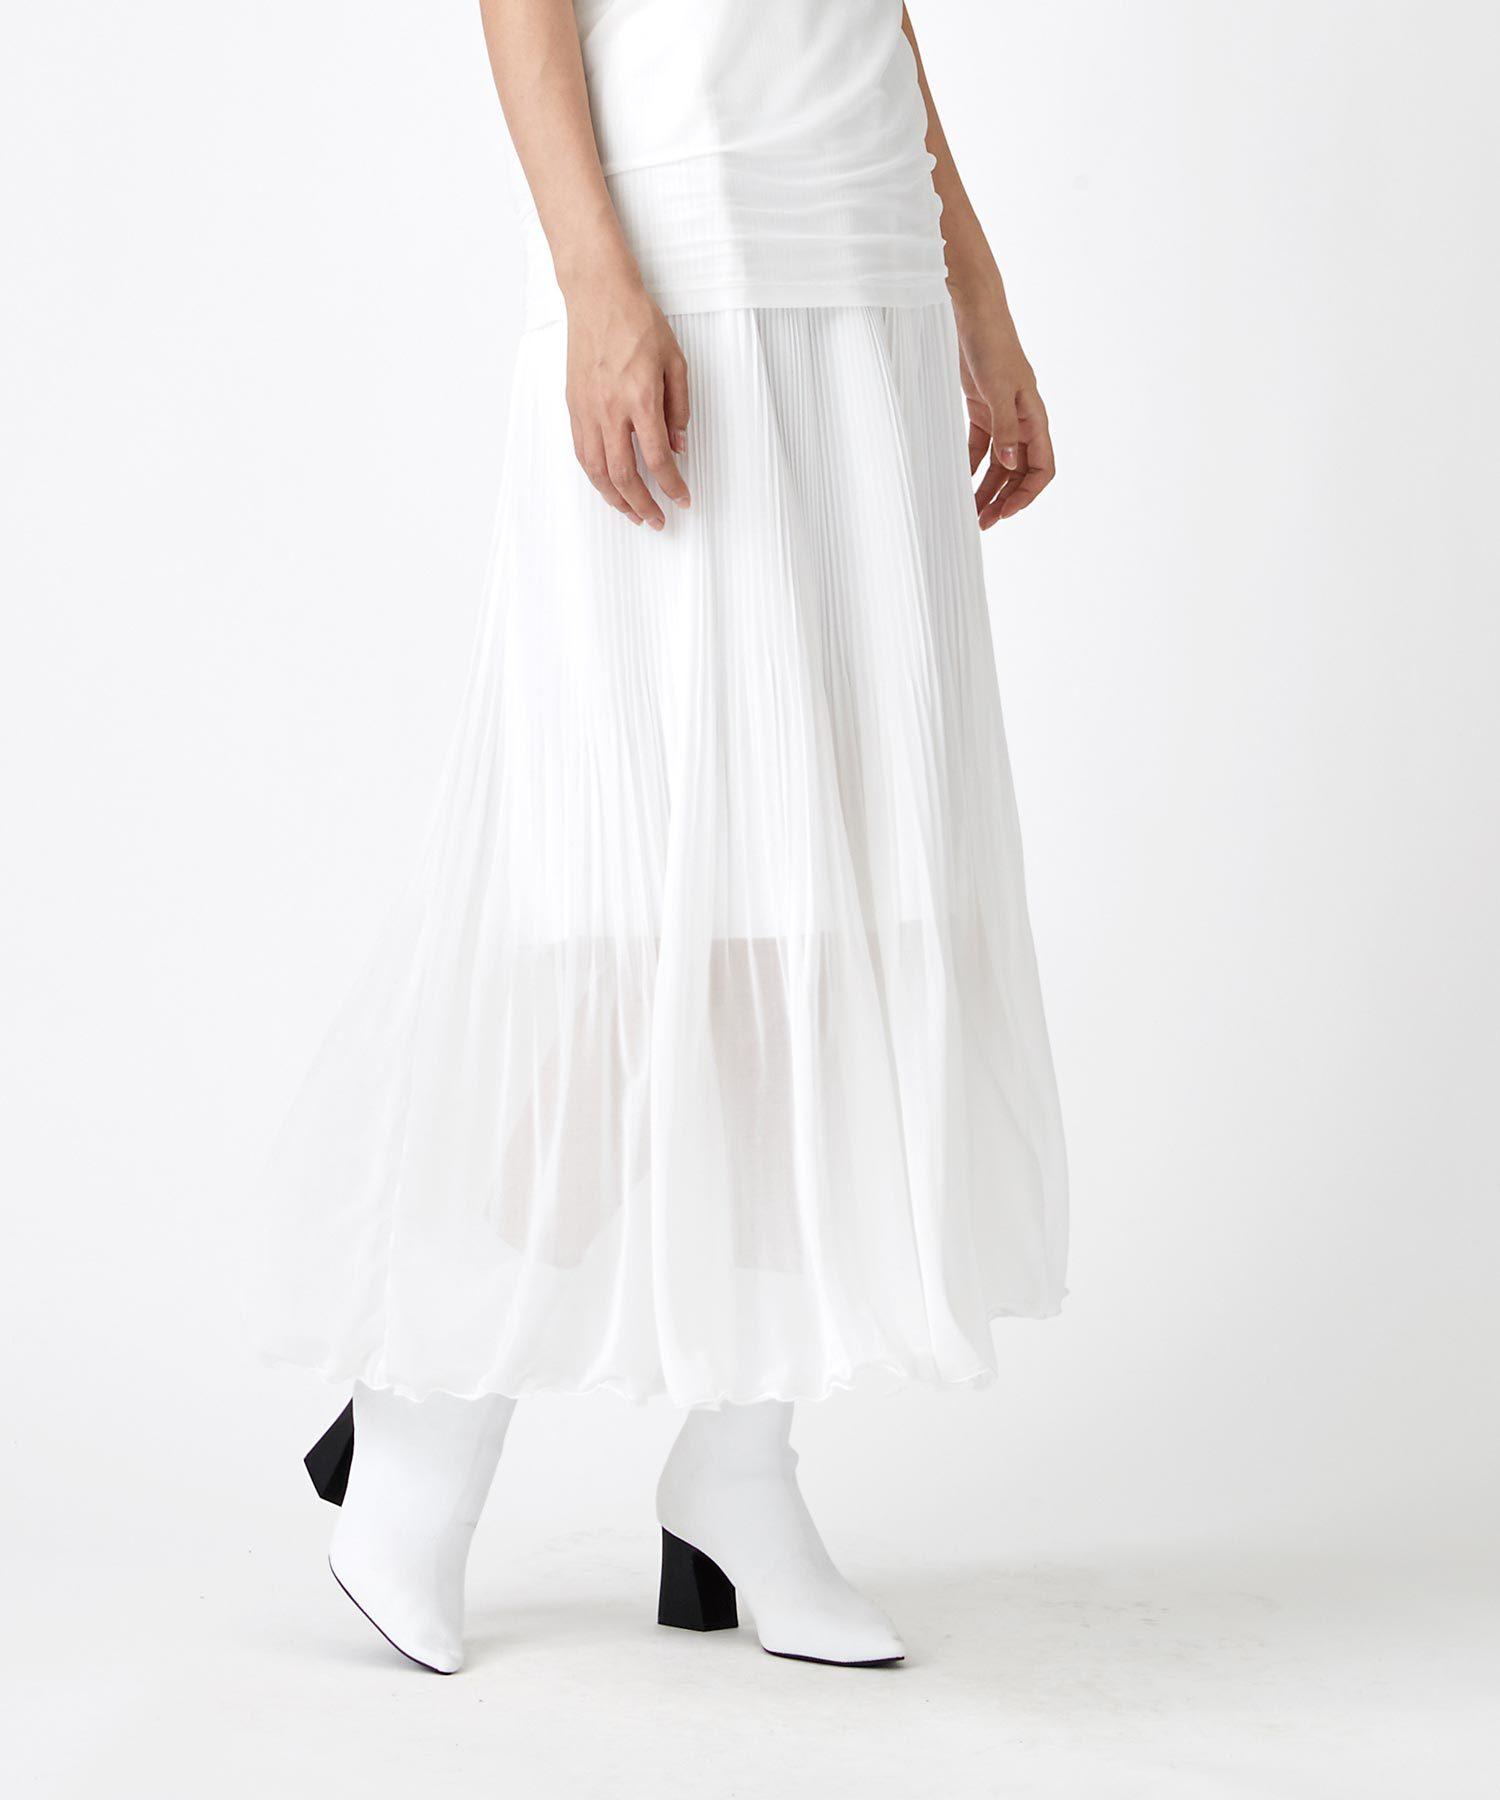 天竺素材裾消しプリーツスカート(オフホワイト)